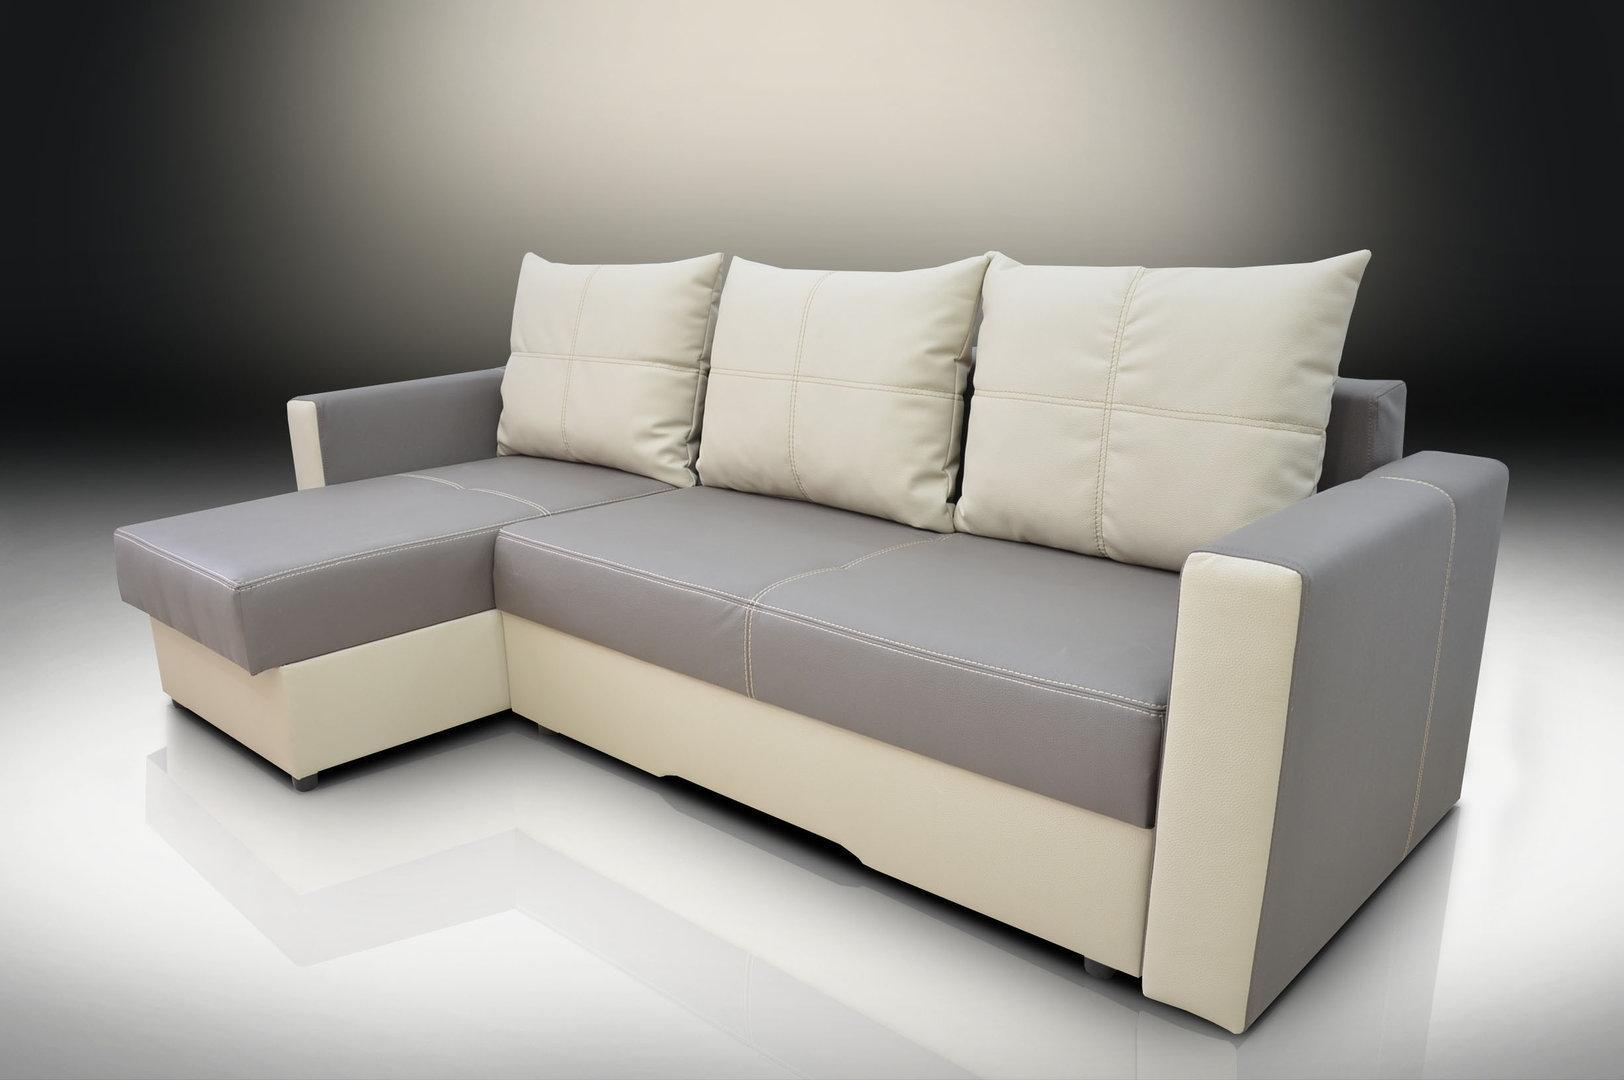 Bonded Leather Corner Sofa Bed Bristol, Elephant/toffee Inside Corner Sofa Bed Sale (Image 4 of 20)